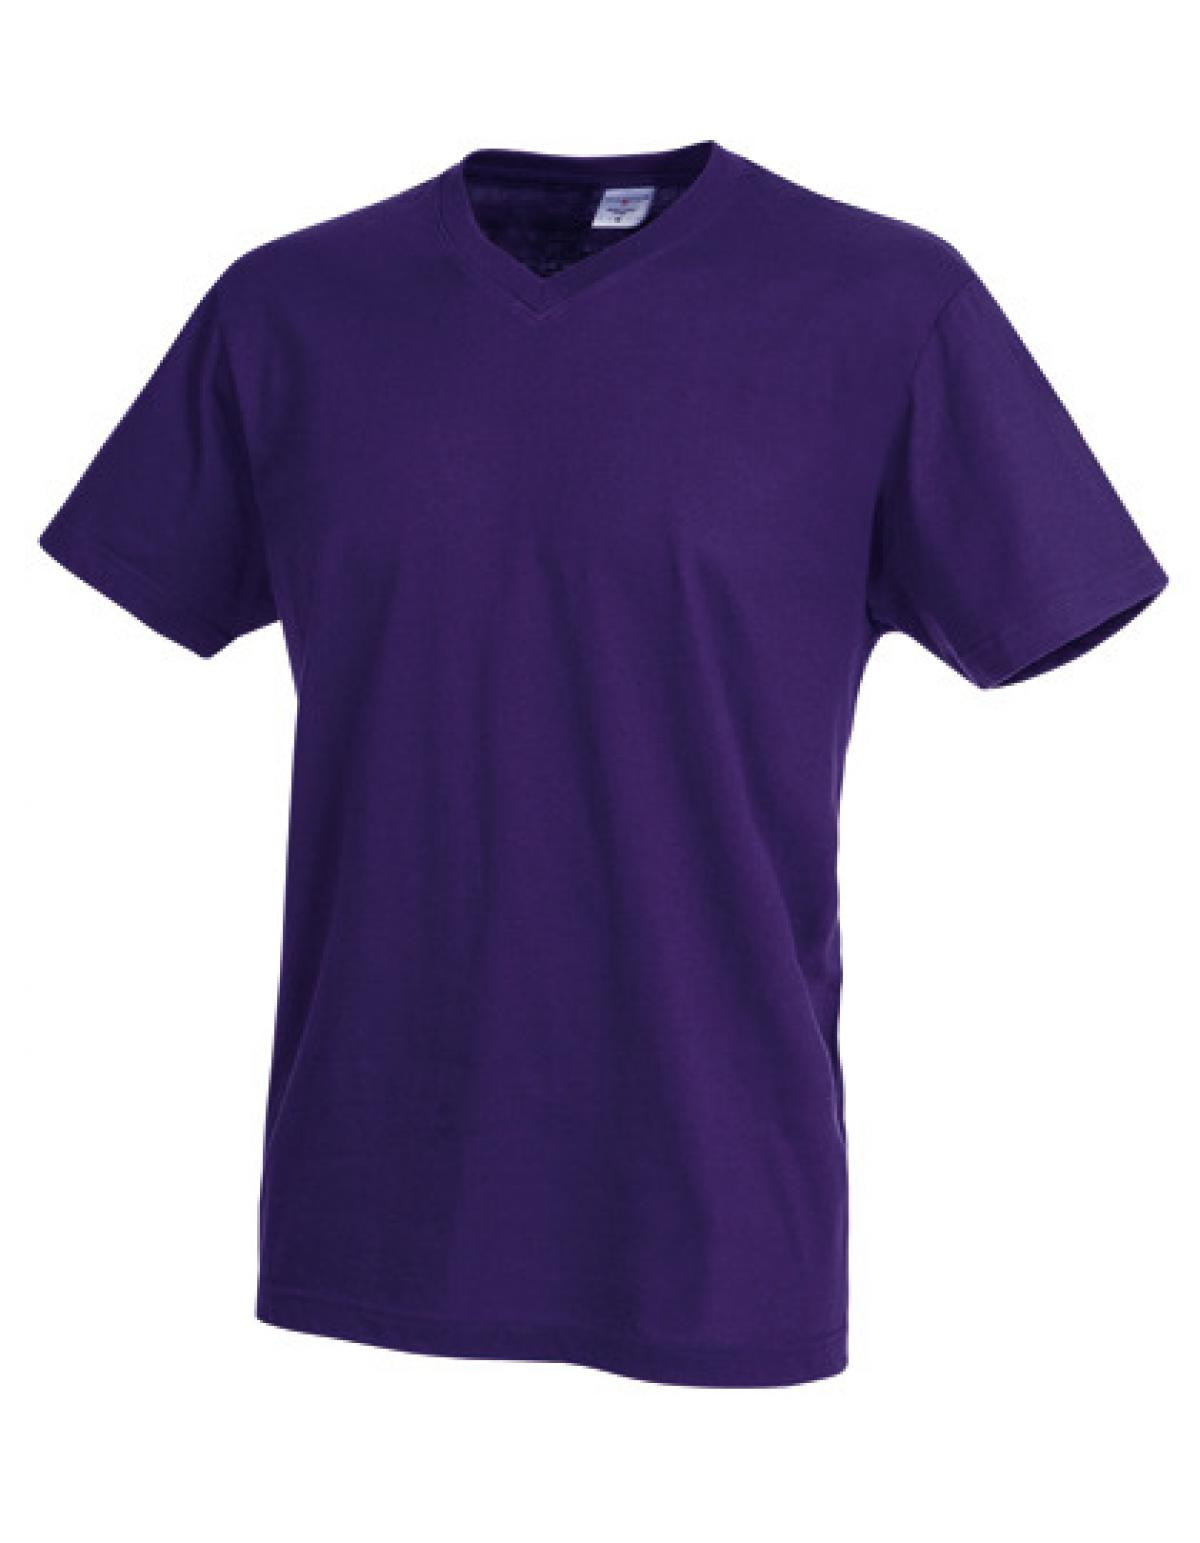 Classic-v-neck-t-shirt-Hommes-stedman